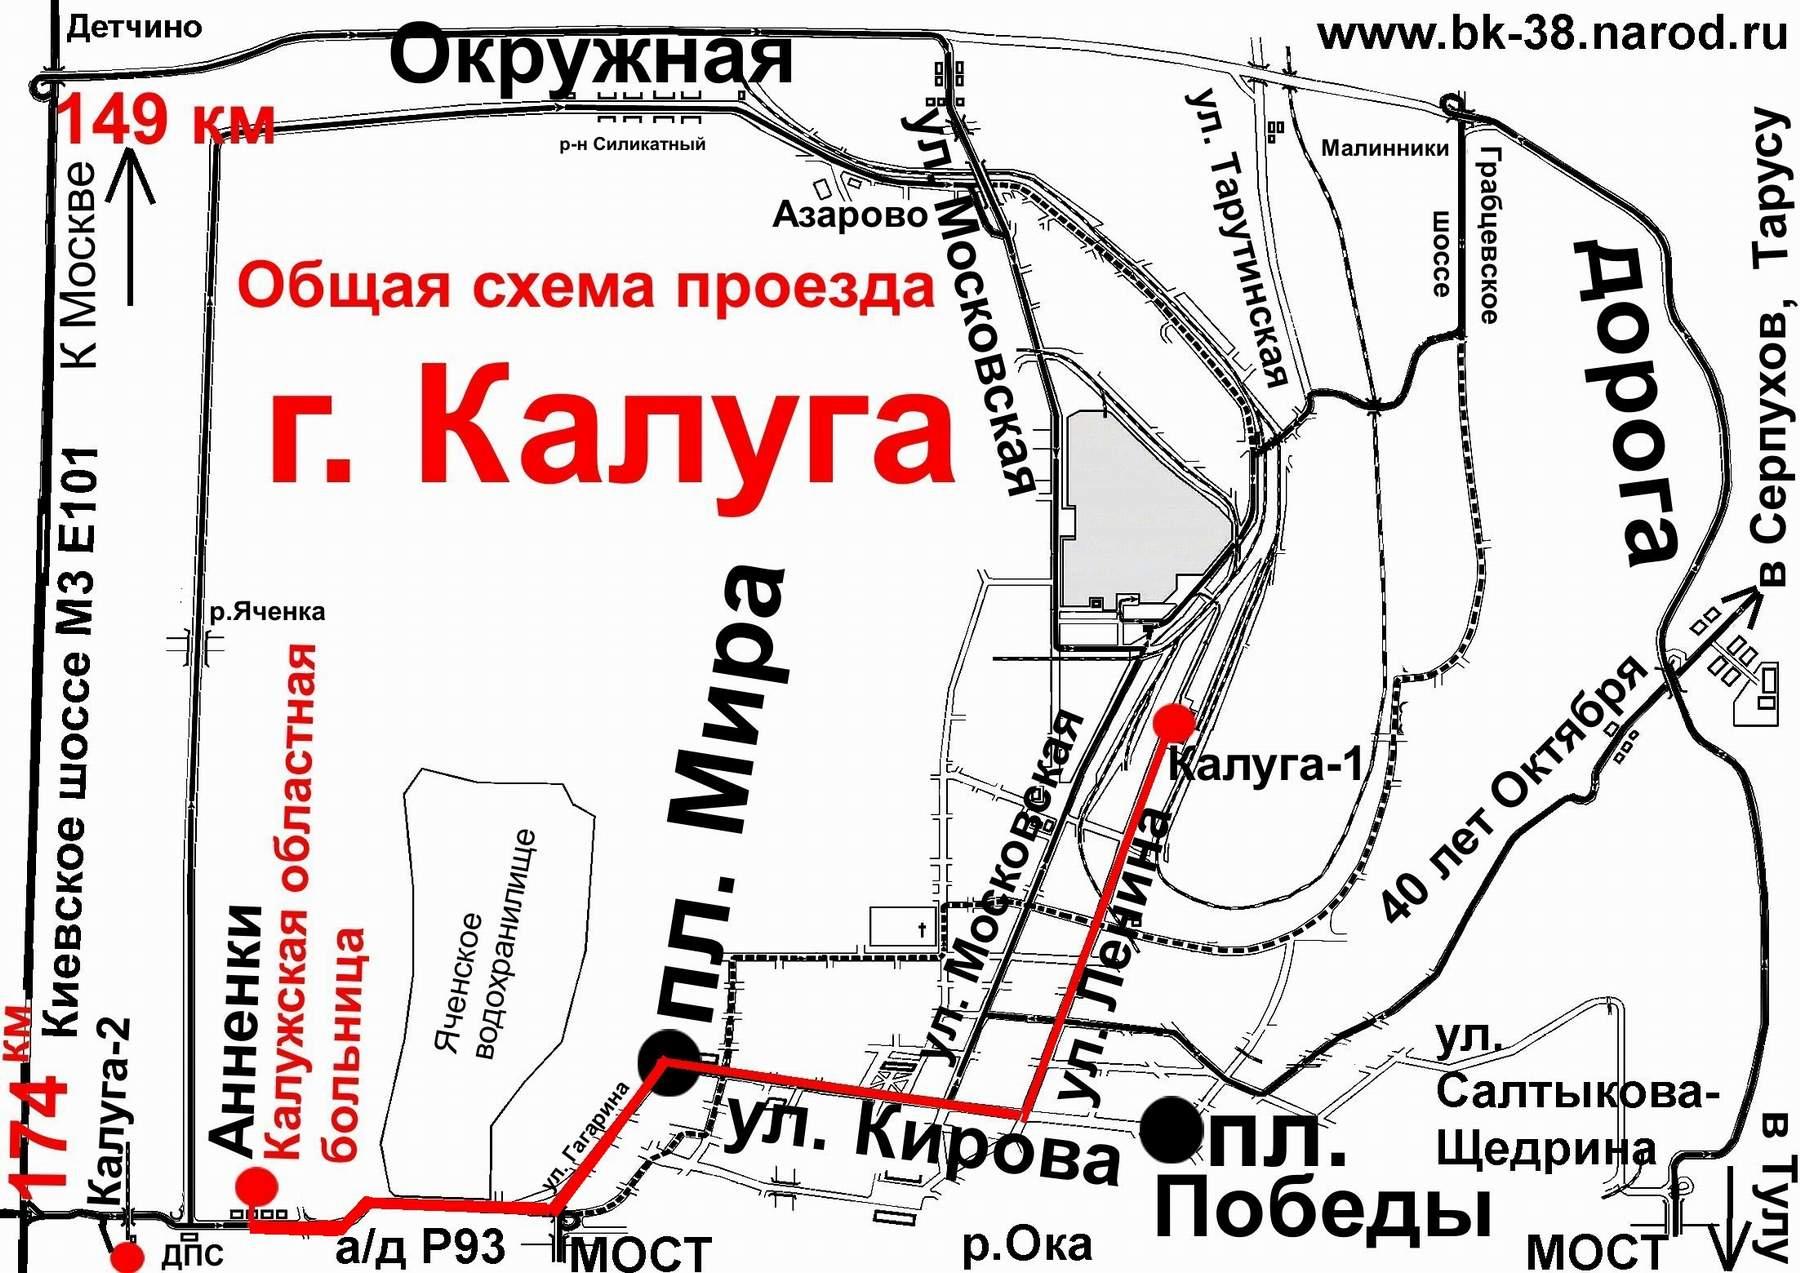 свердловск луганская область поиск людей